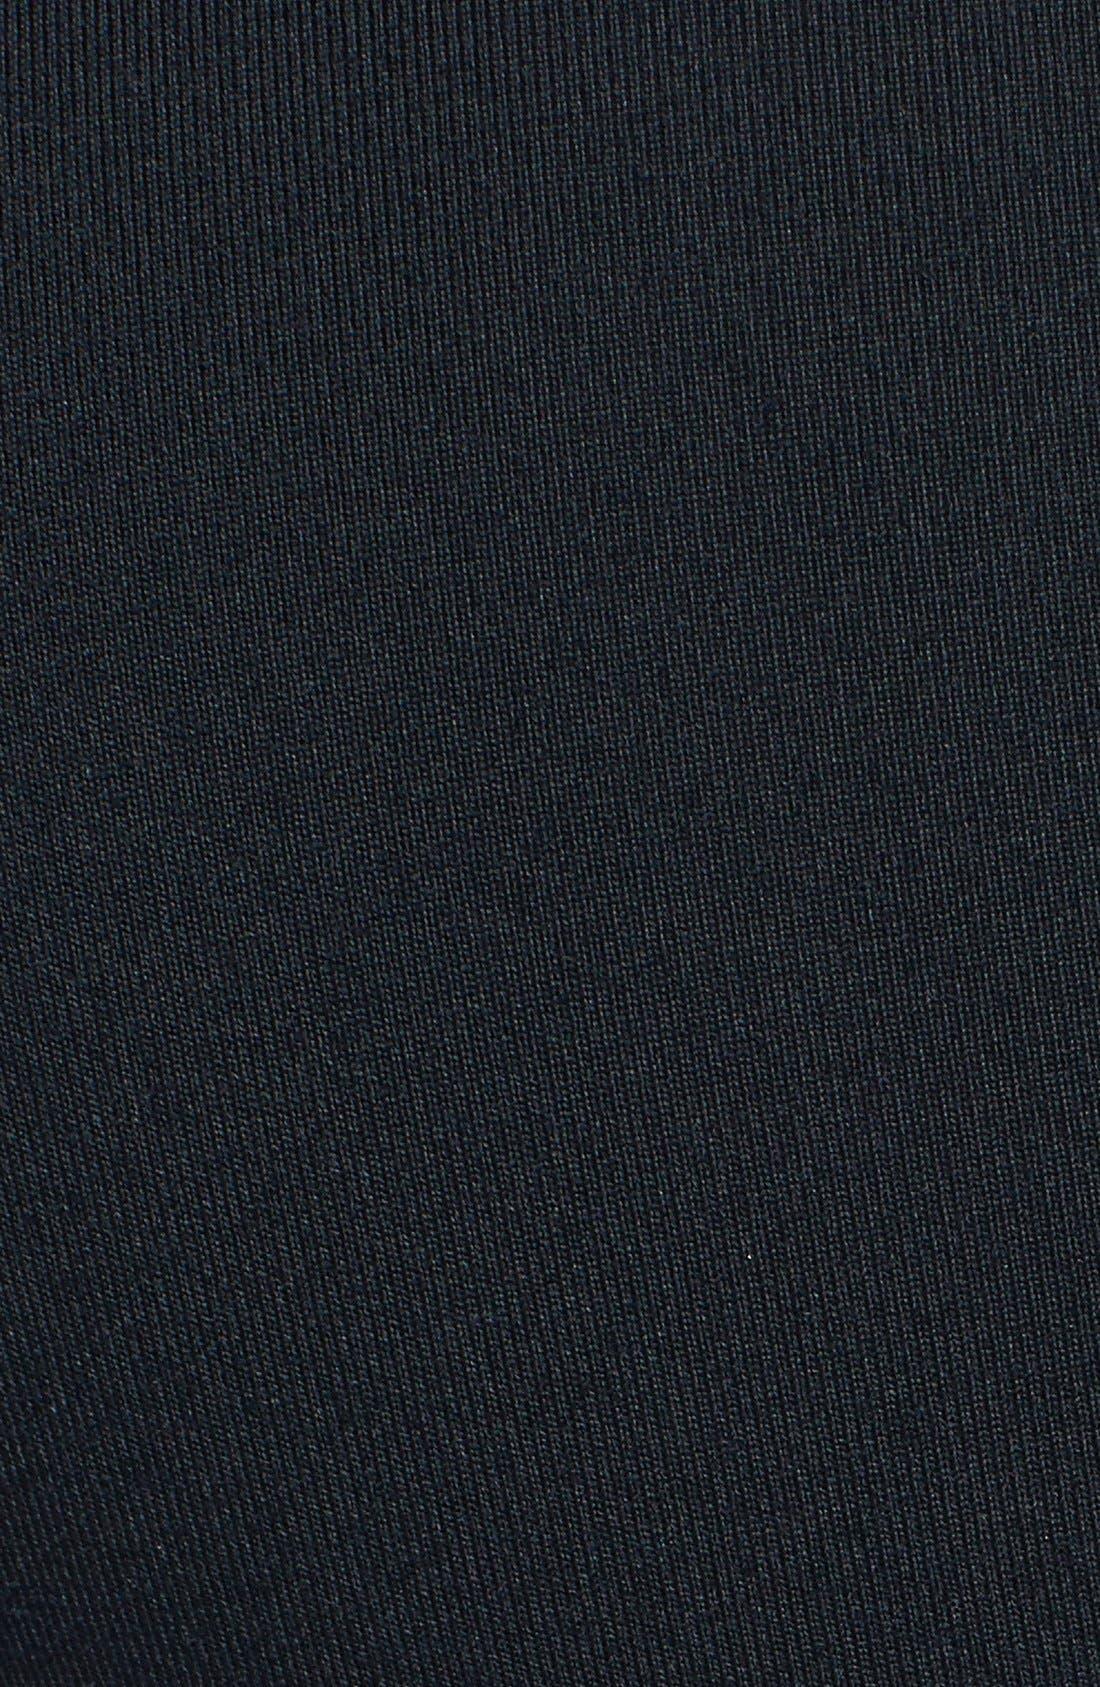 'Digital Camo' Print Leggings,                             Alternate thumbnail 3, color,                             001